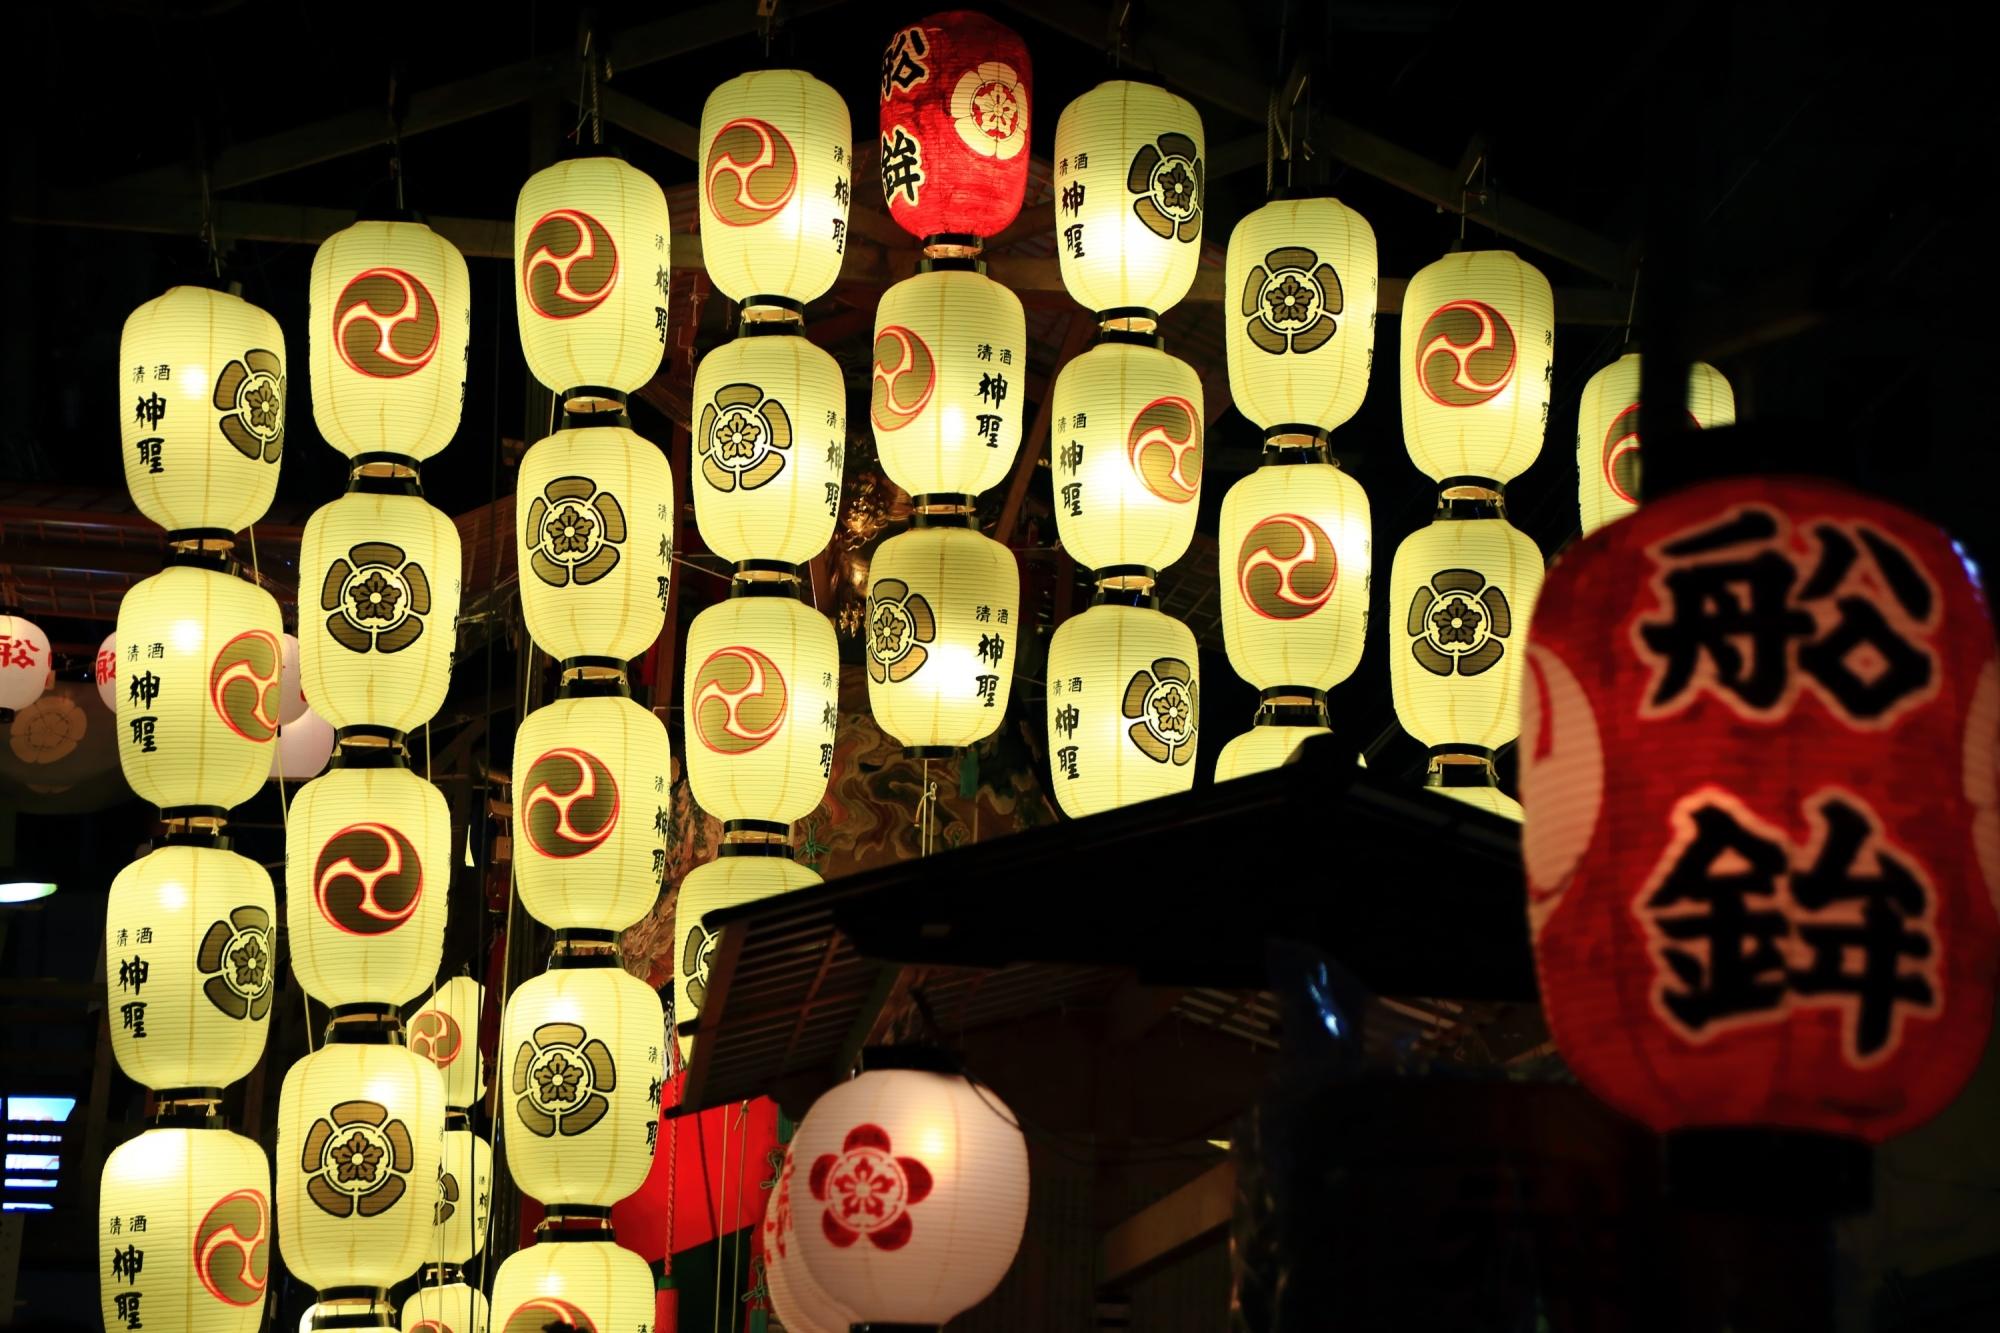 祇園祭の宵山の船鉾の駒形提灯